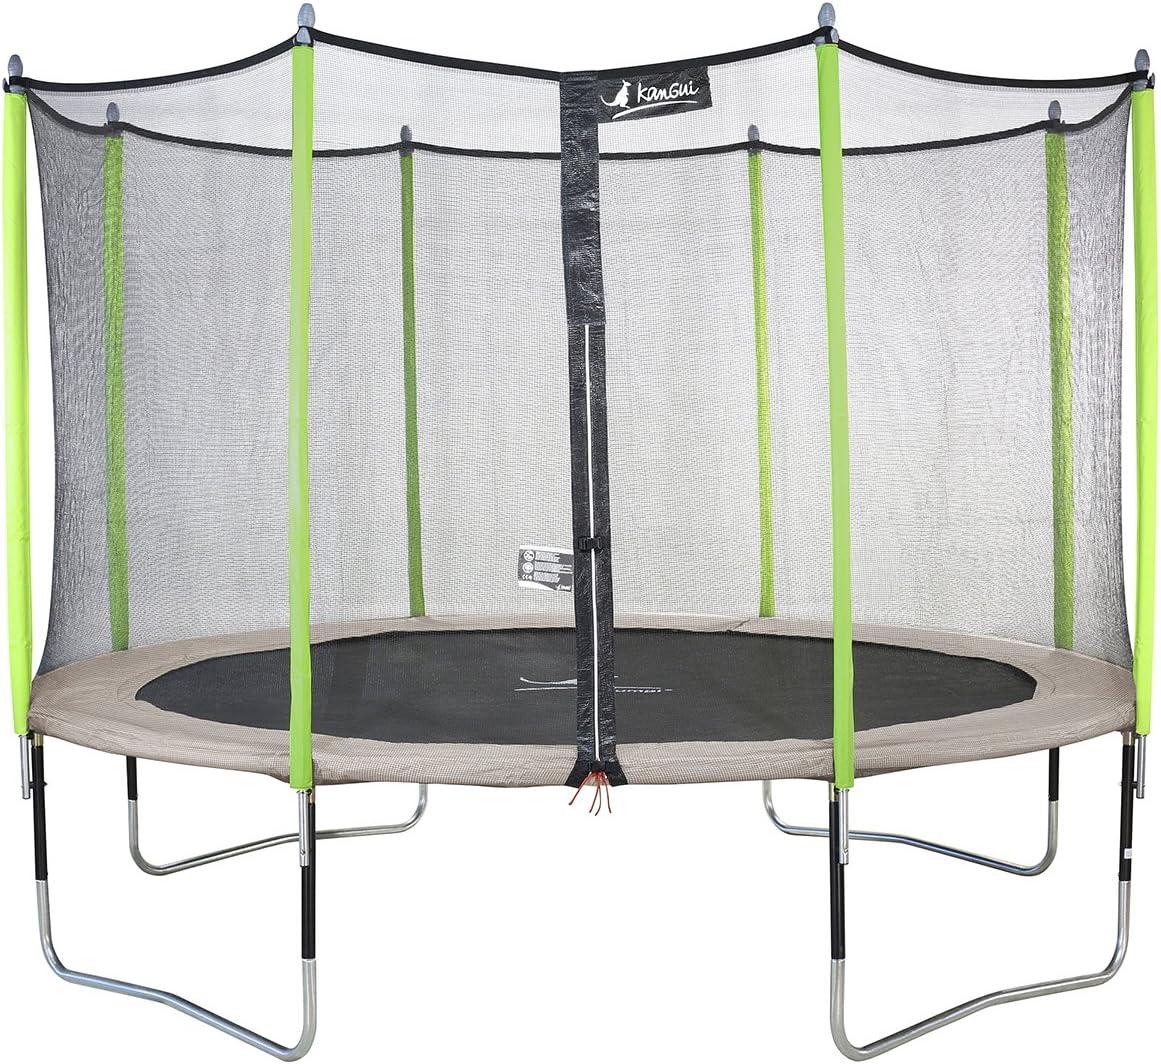 KANGUI–Cama elástica de jardín de 426cm + Red de Seguridad Jumpi Zen 430. Trampolín Certificado por el critt Sport & Loisirs